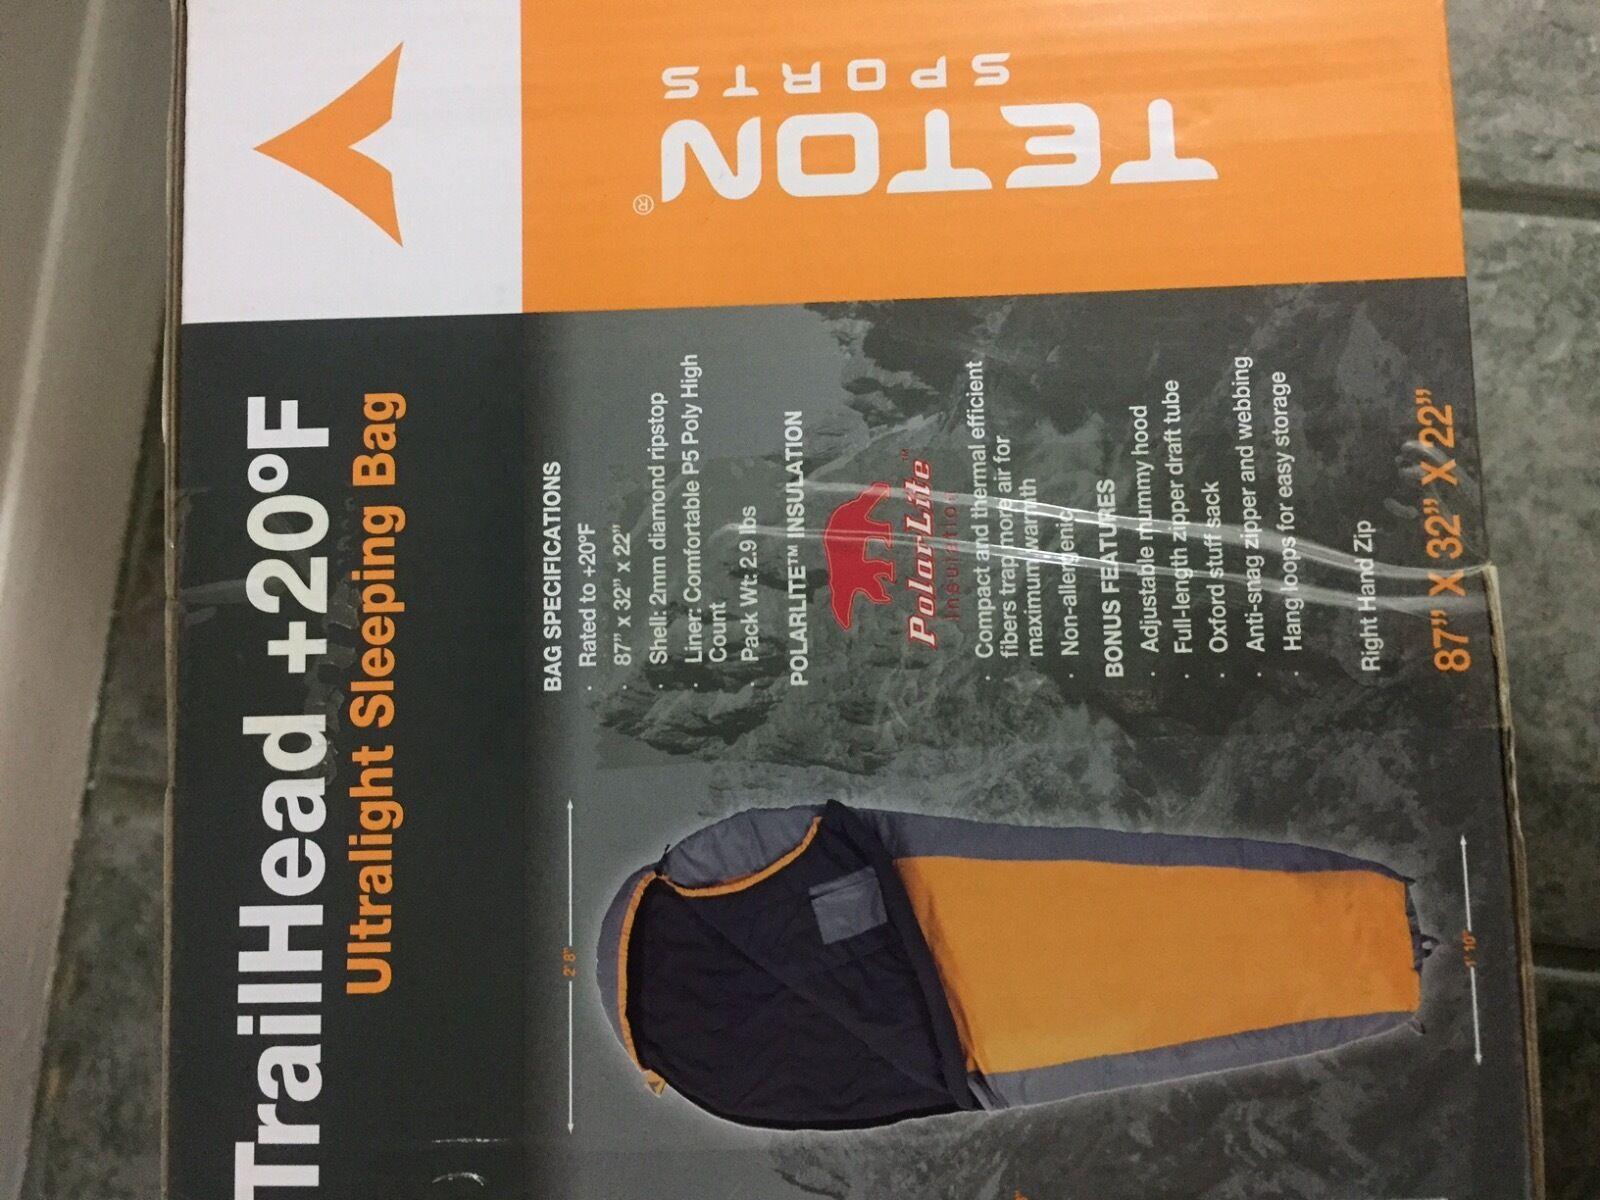 Teton Sports Jusqu' 20 degrés F Ultralight